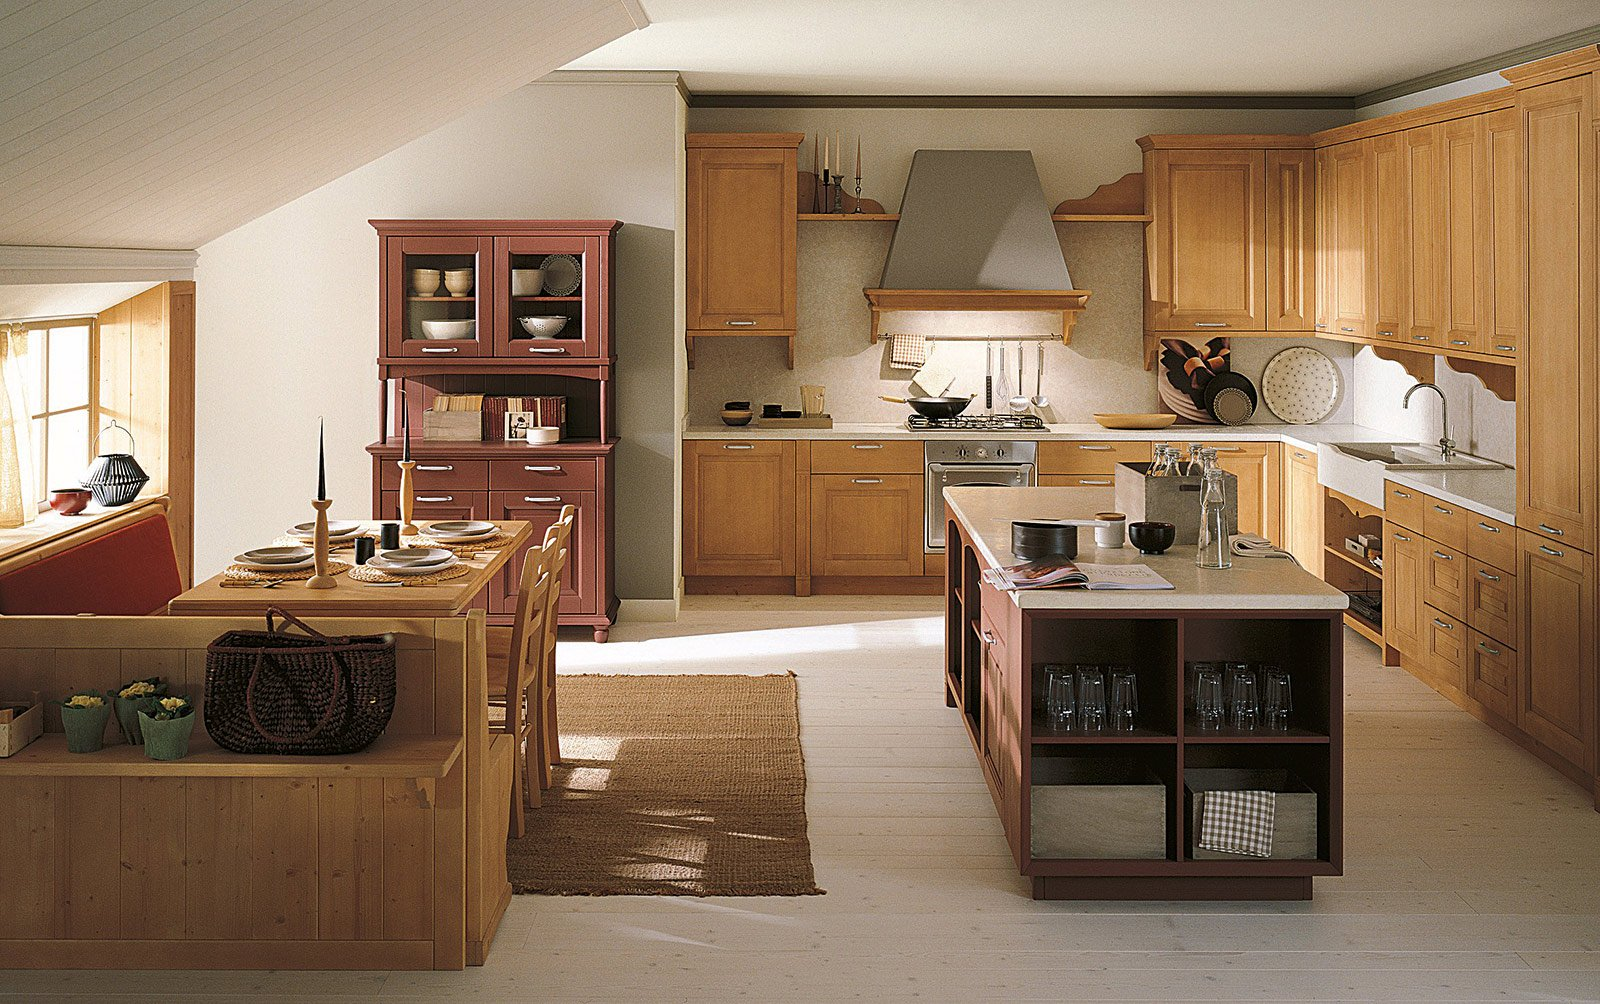 Cucine country stile tradizionale o new classic cose di for Planimetrie rustiche